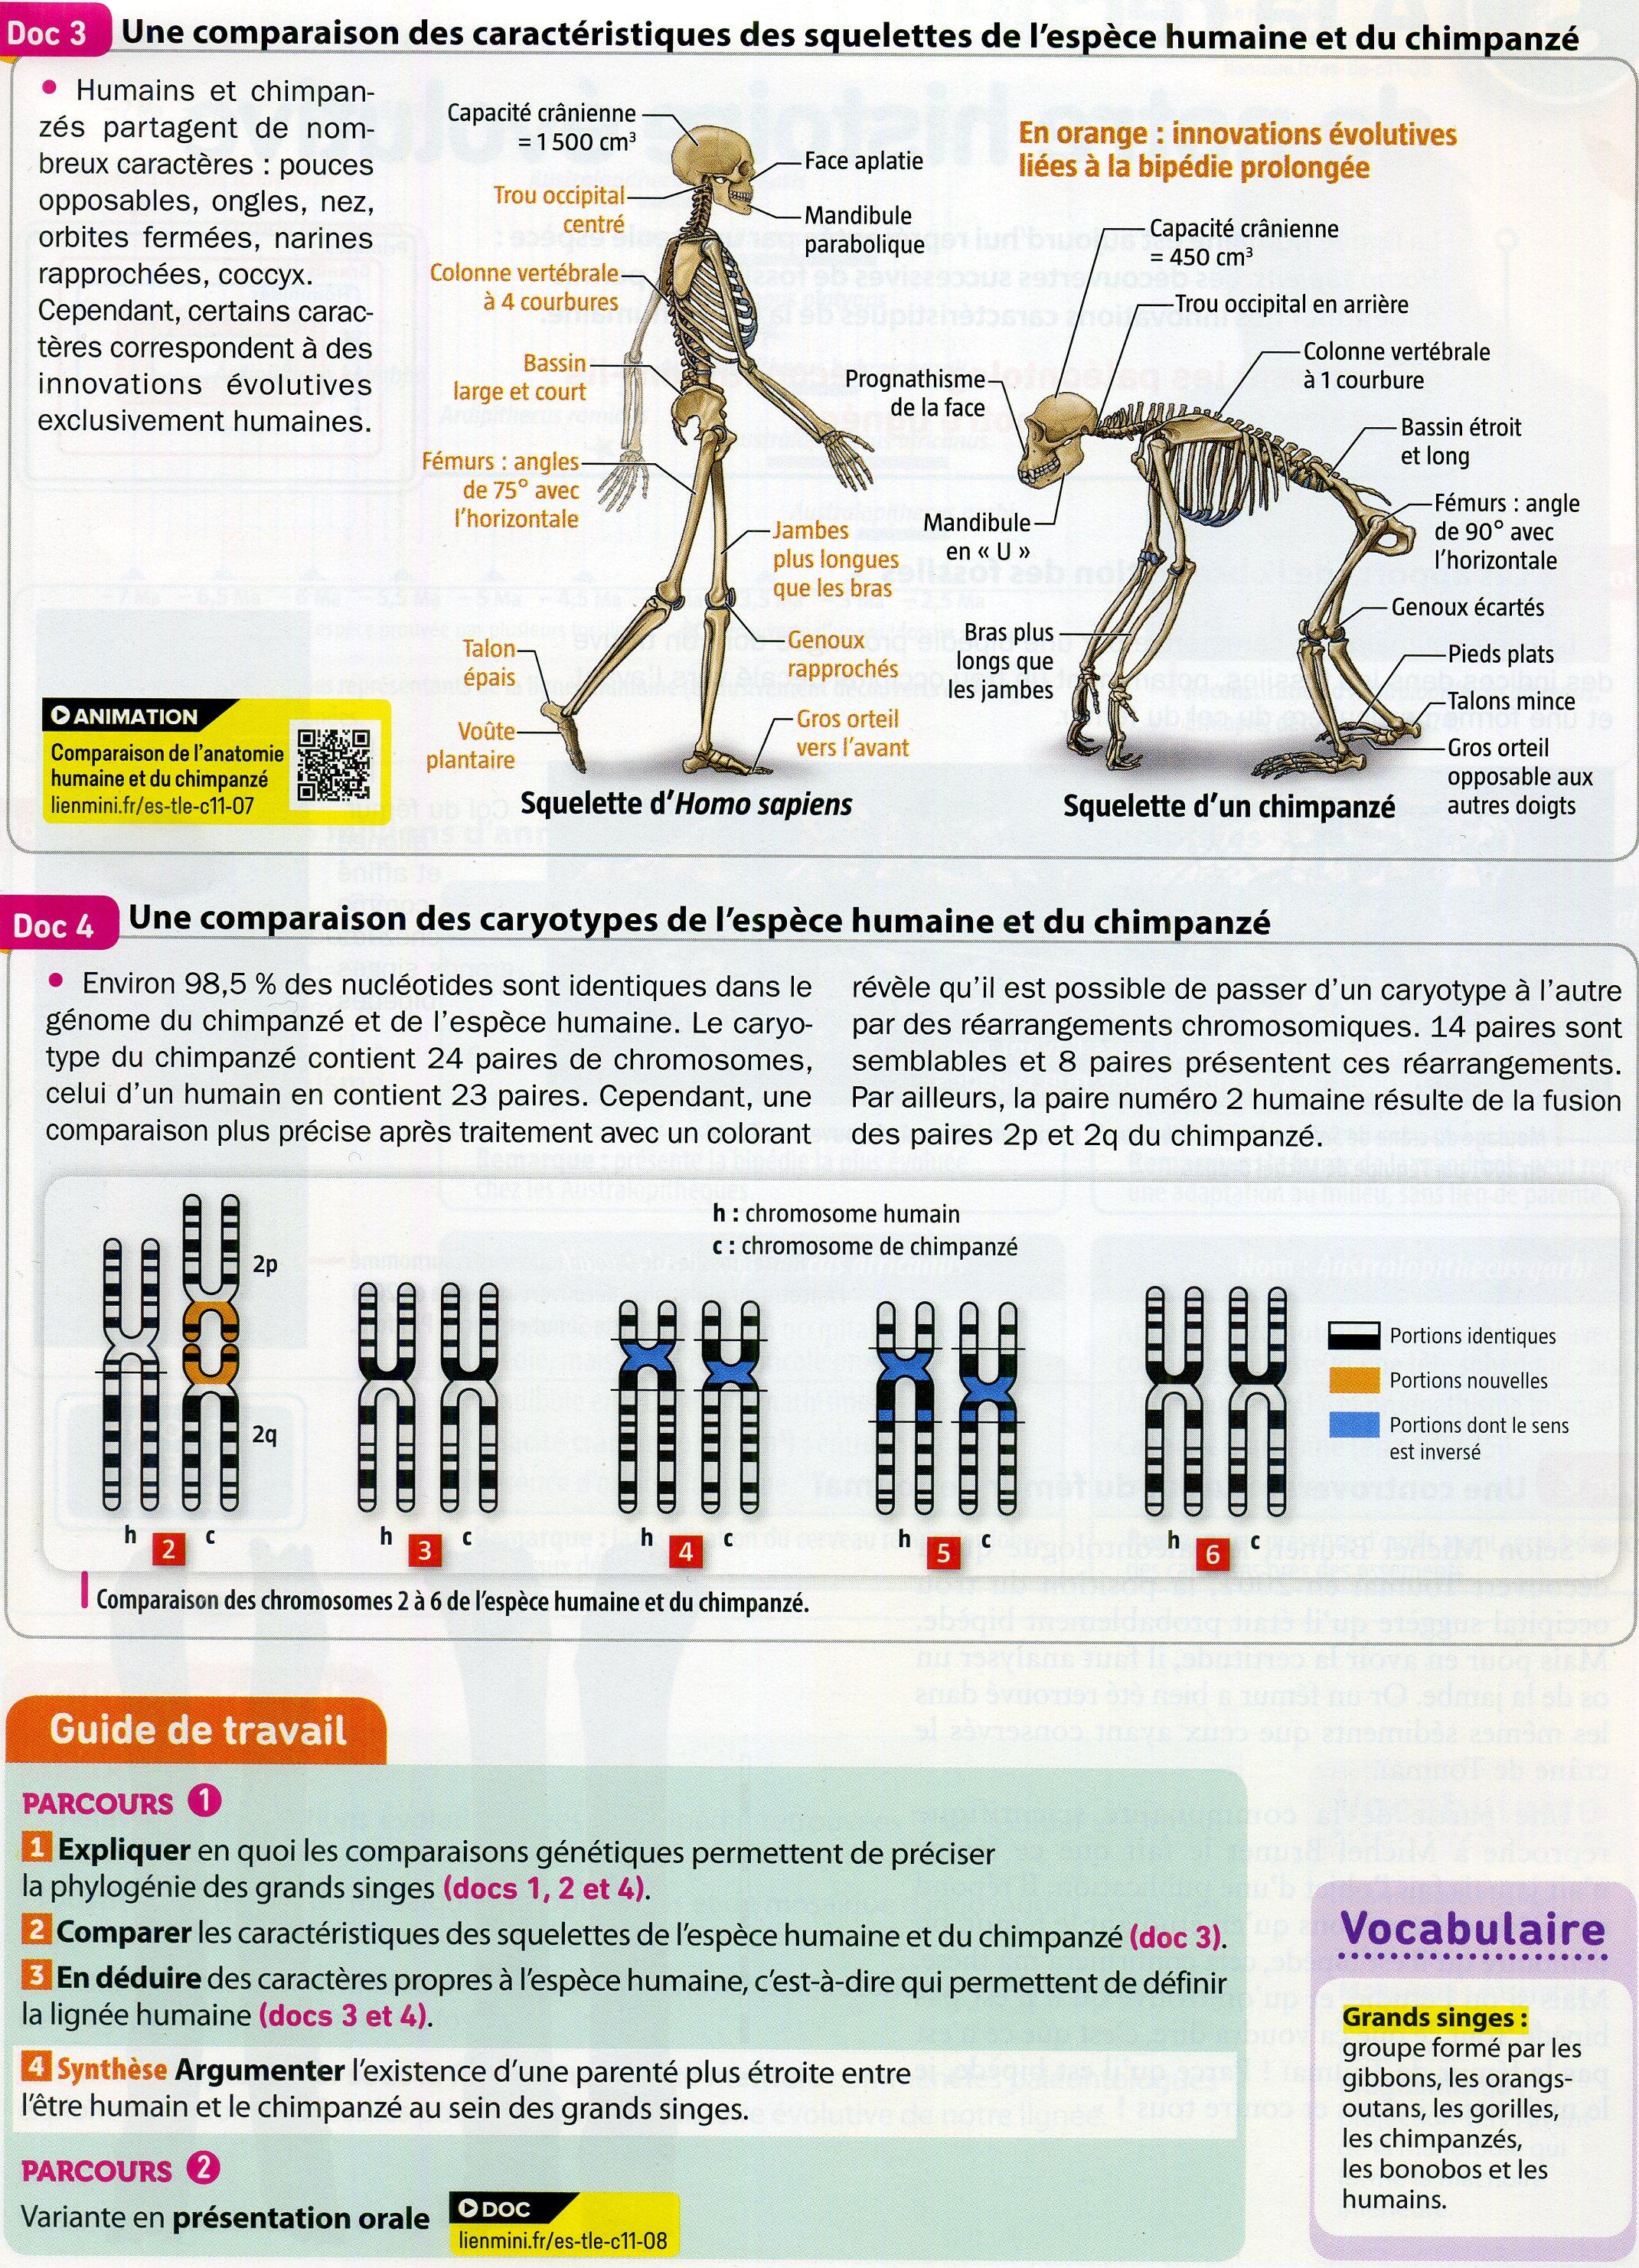 Activité 8 primates parenté génétique (2